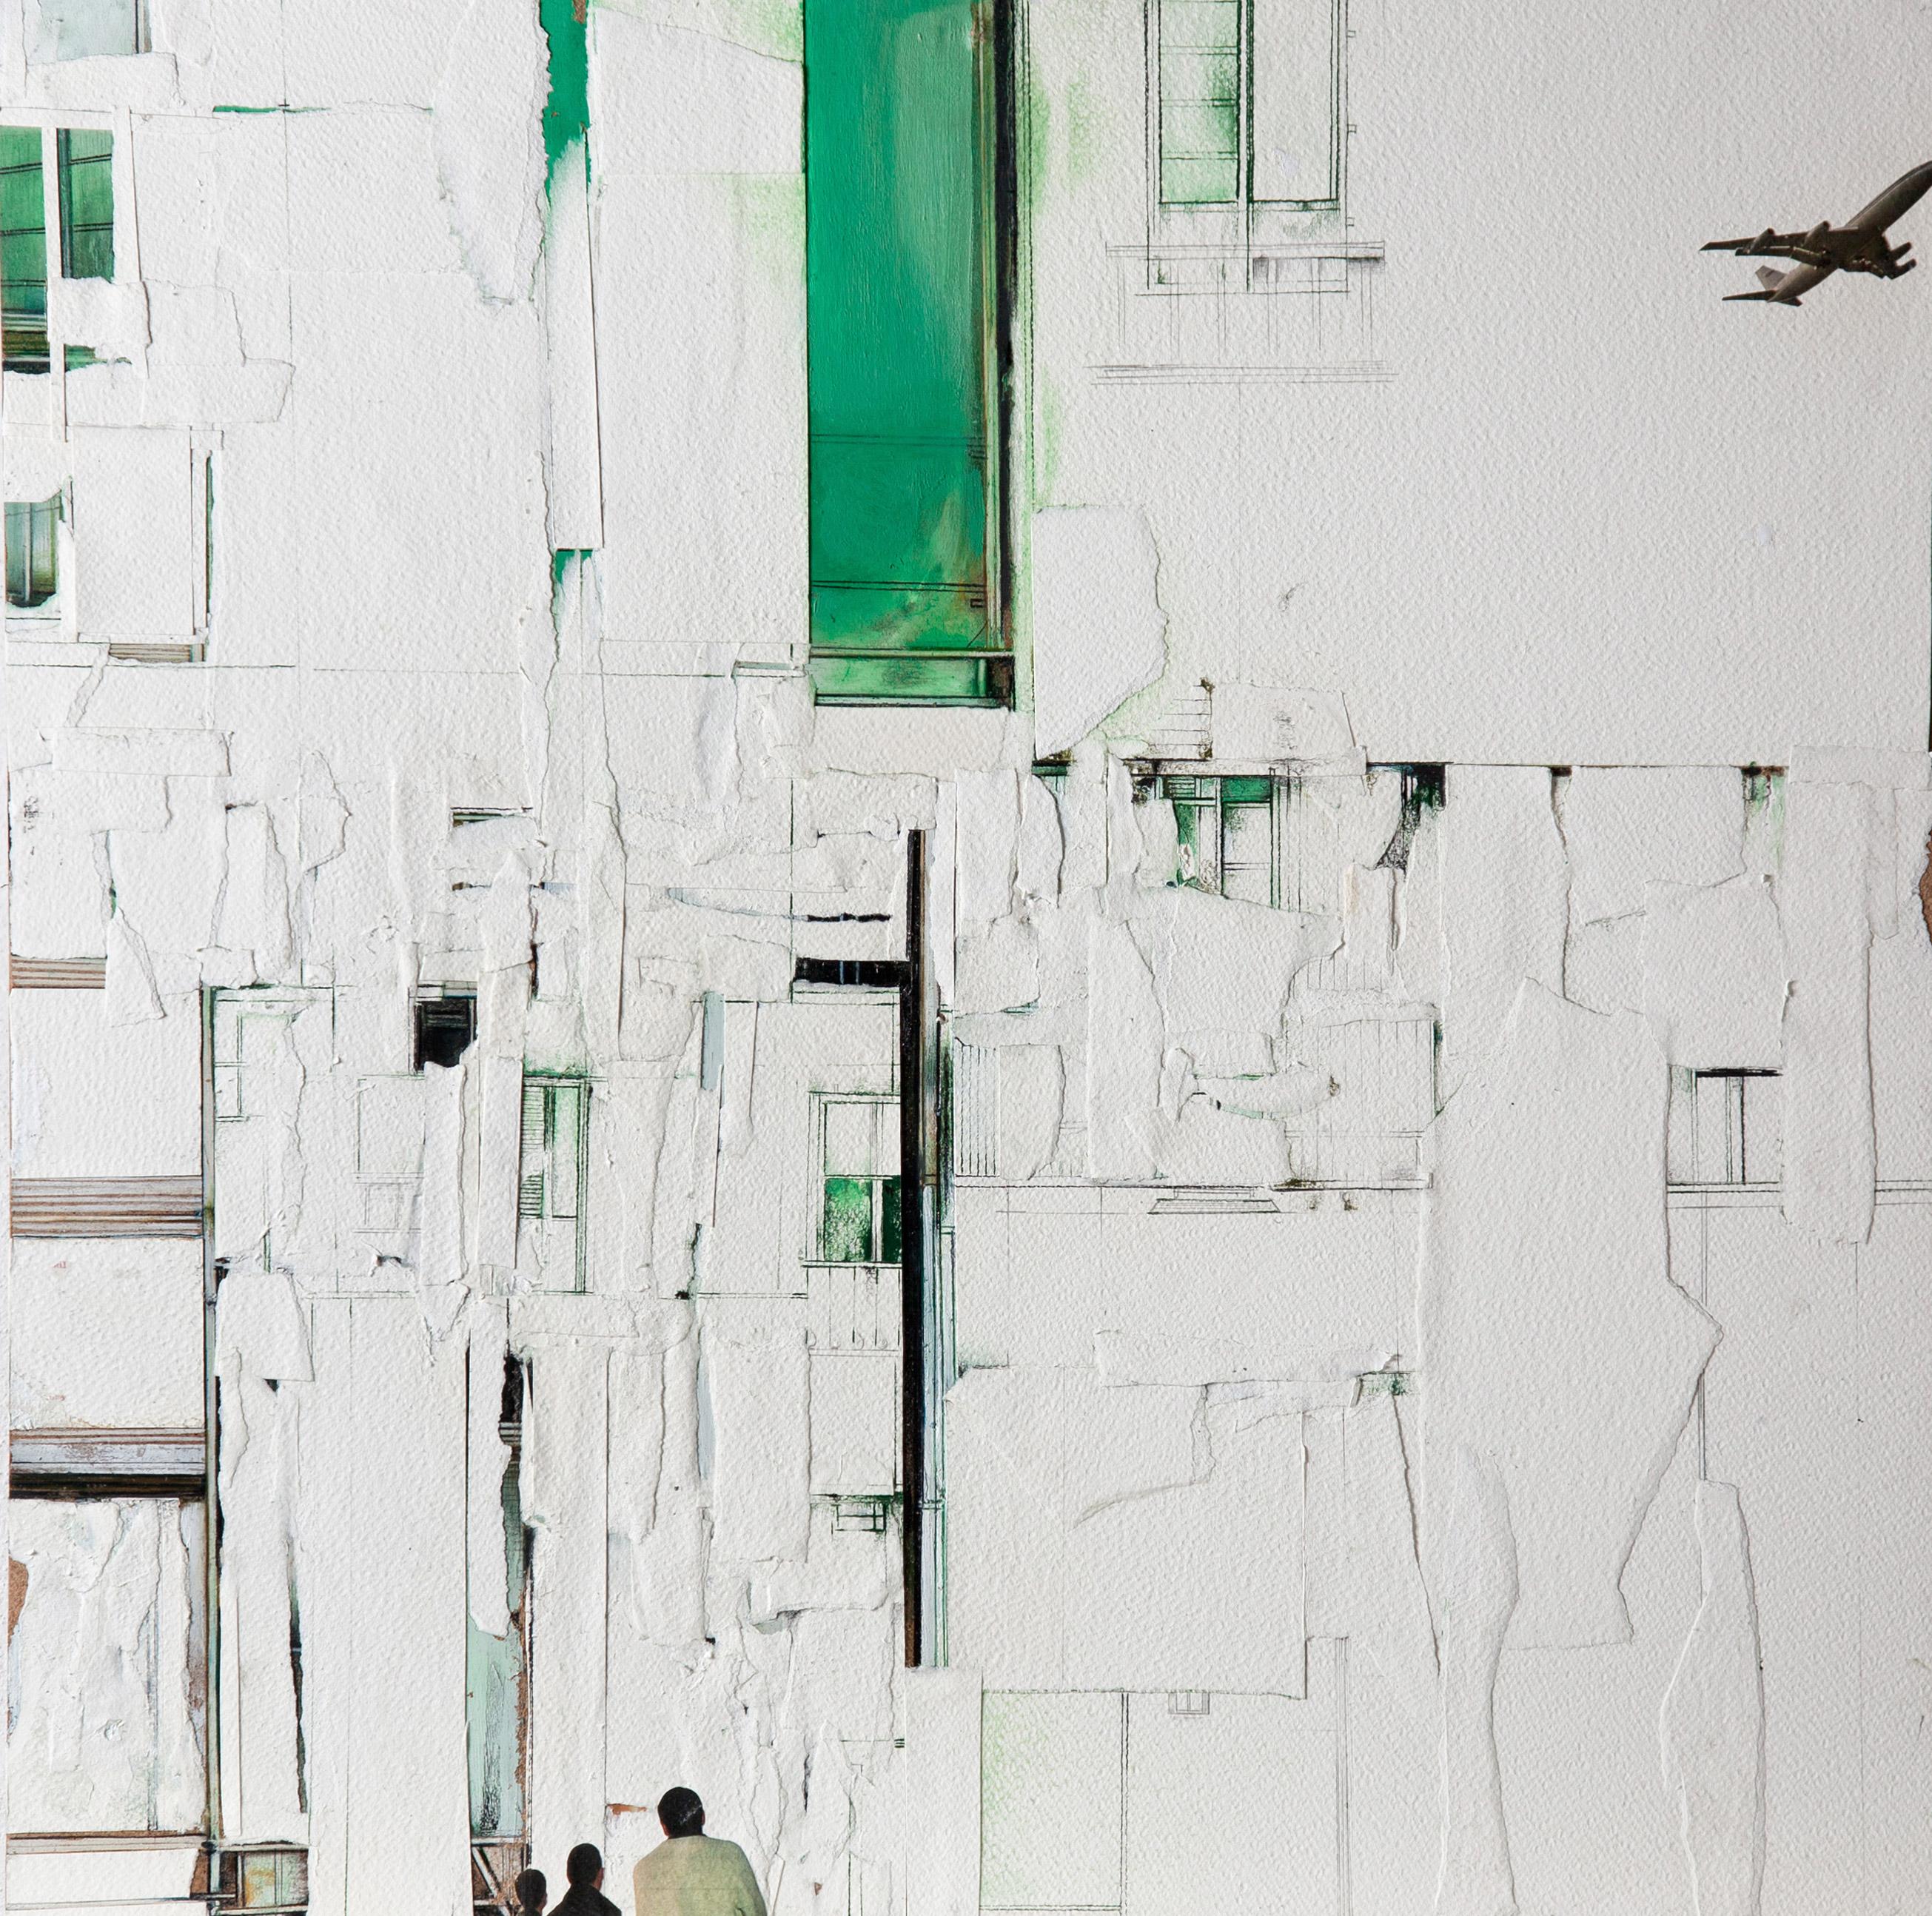 ritagli di spazio 6 - cartografia – tecnica mista su tela (carte applicate su tela, olio, ritagli giornale ) – cm 30×30